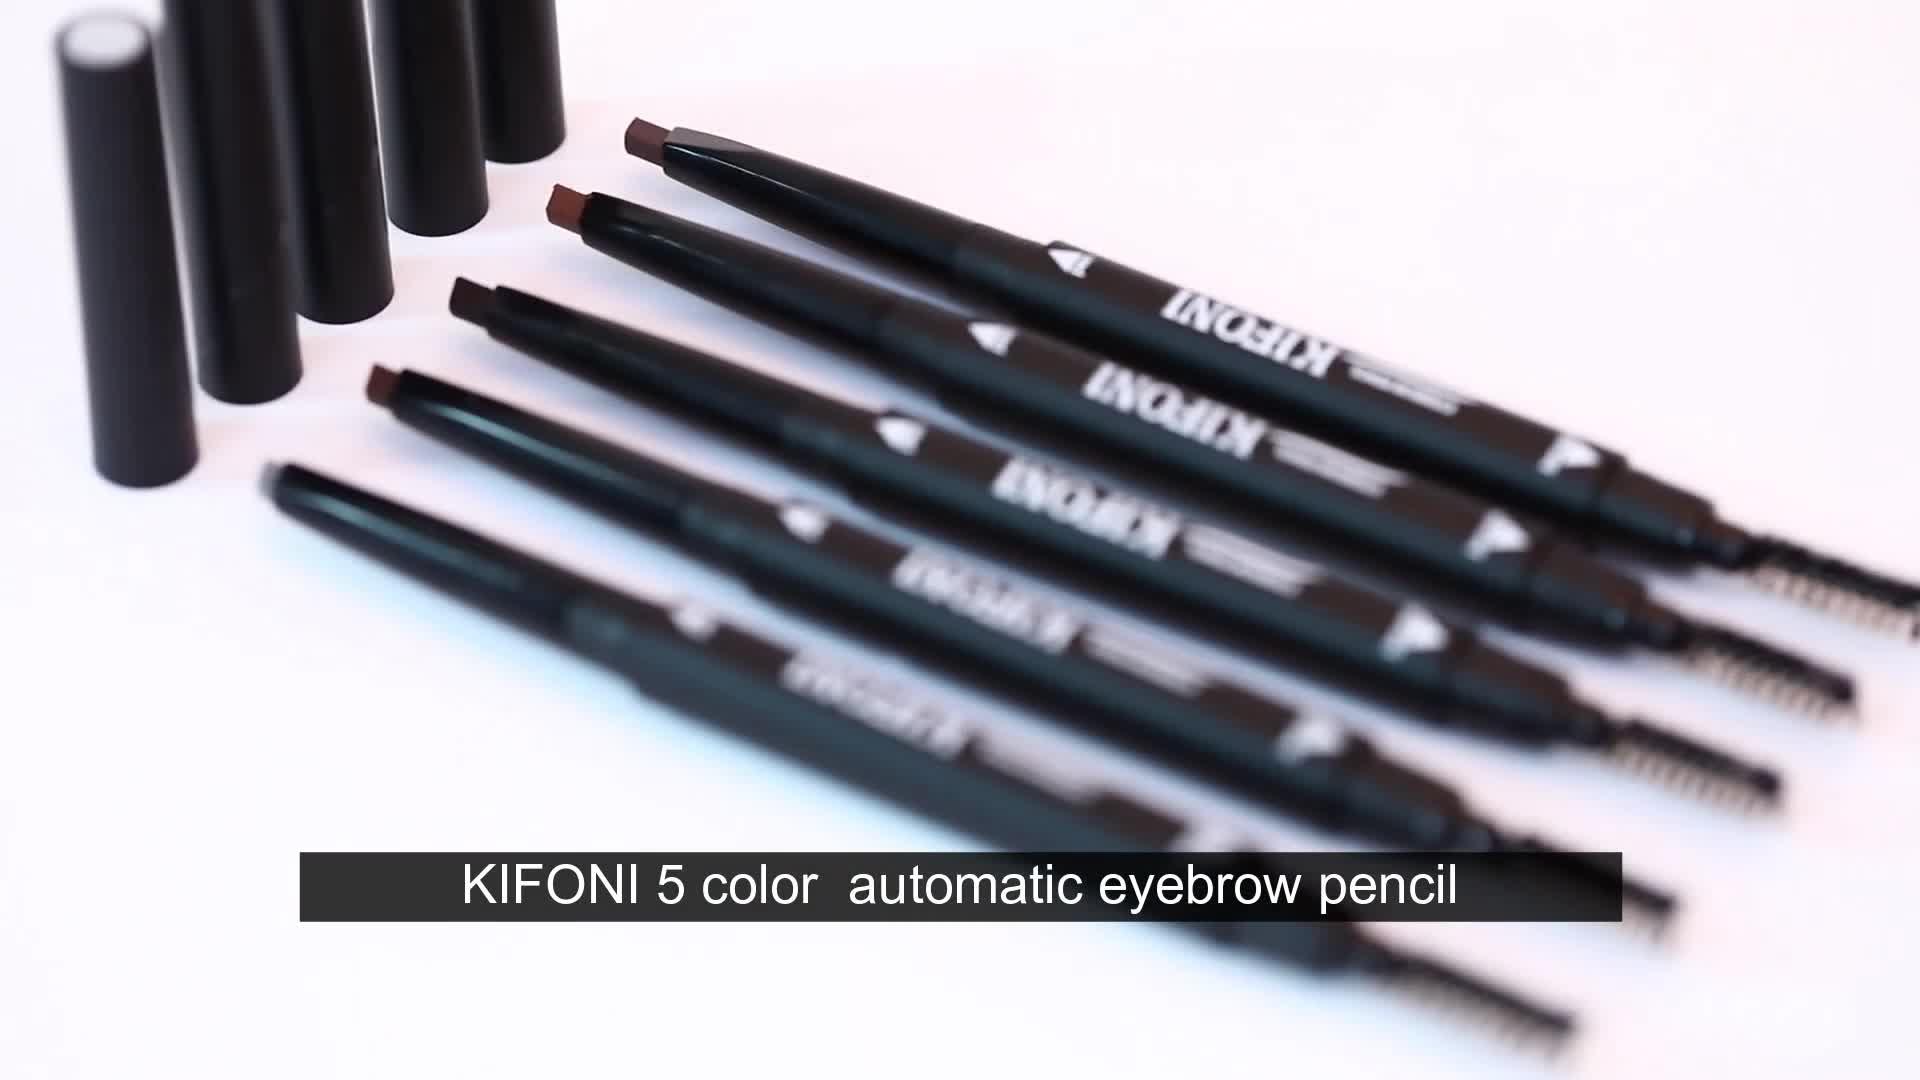 कॉस्मेटिक मेकअप 5 रंग निविड़ अंधकार लंबे समय तक चलने डबल एंडेड स्वचालित भौं पेंसिल